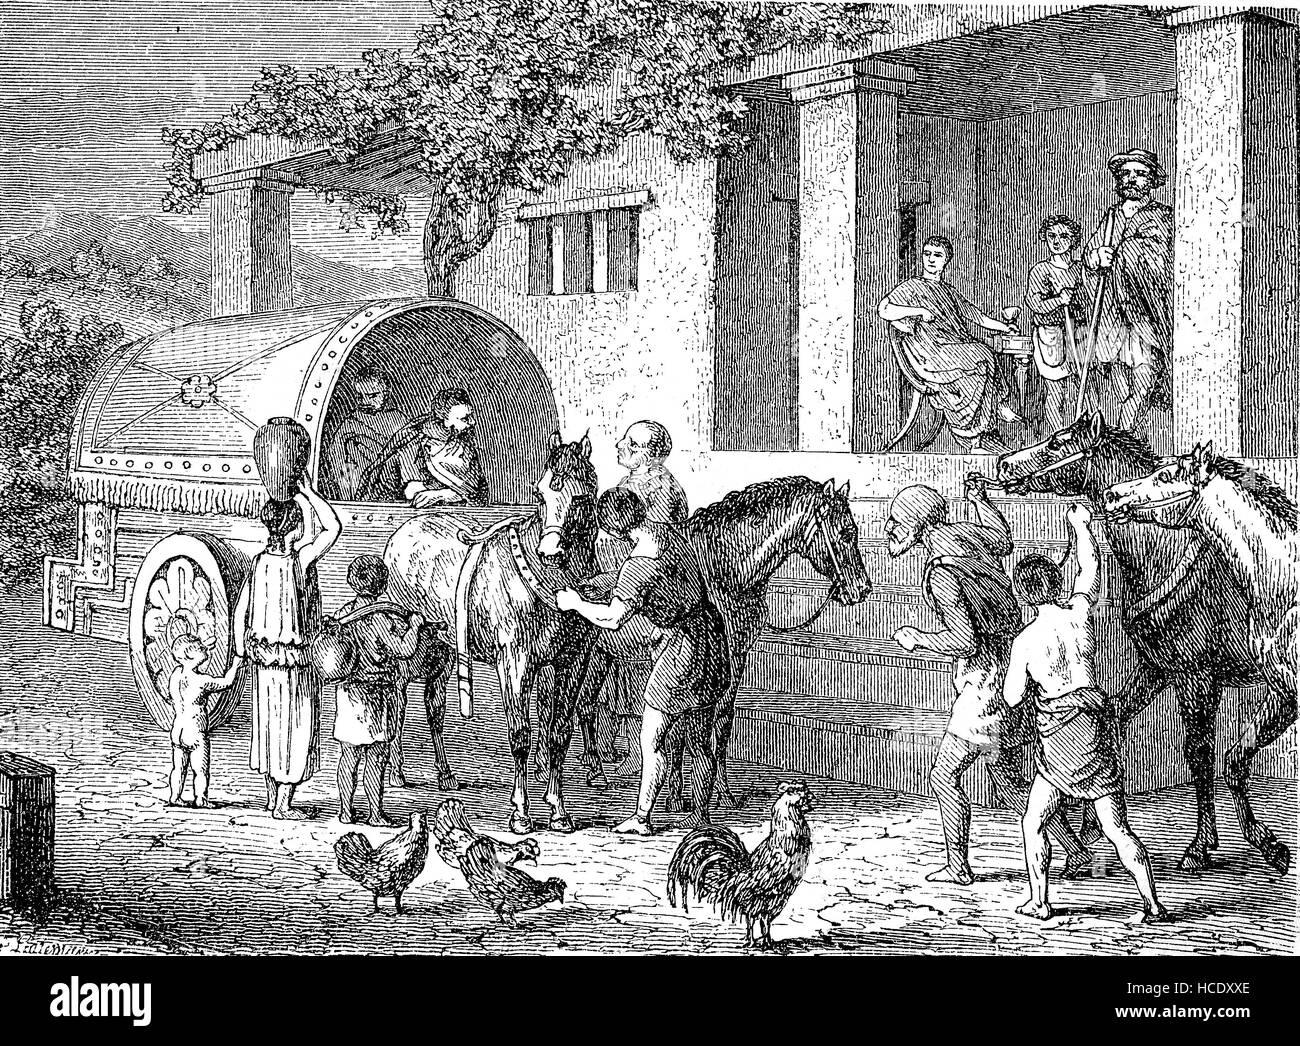 Romano autobus postali, 400 AD, la storia di Roma antica, l'impero romano, Italia Immagini Stock